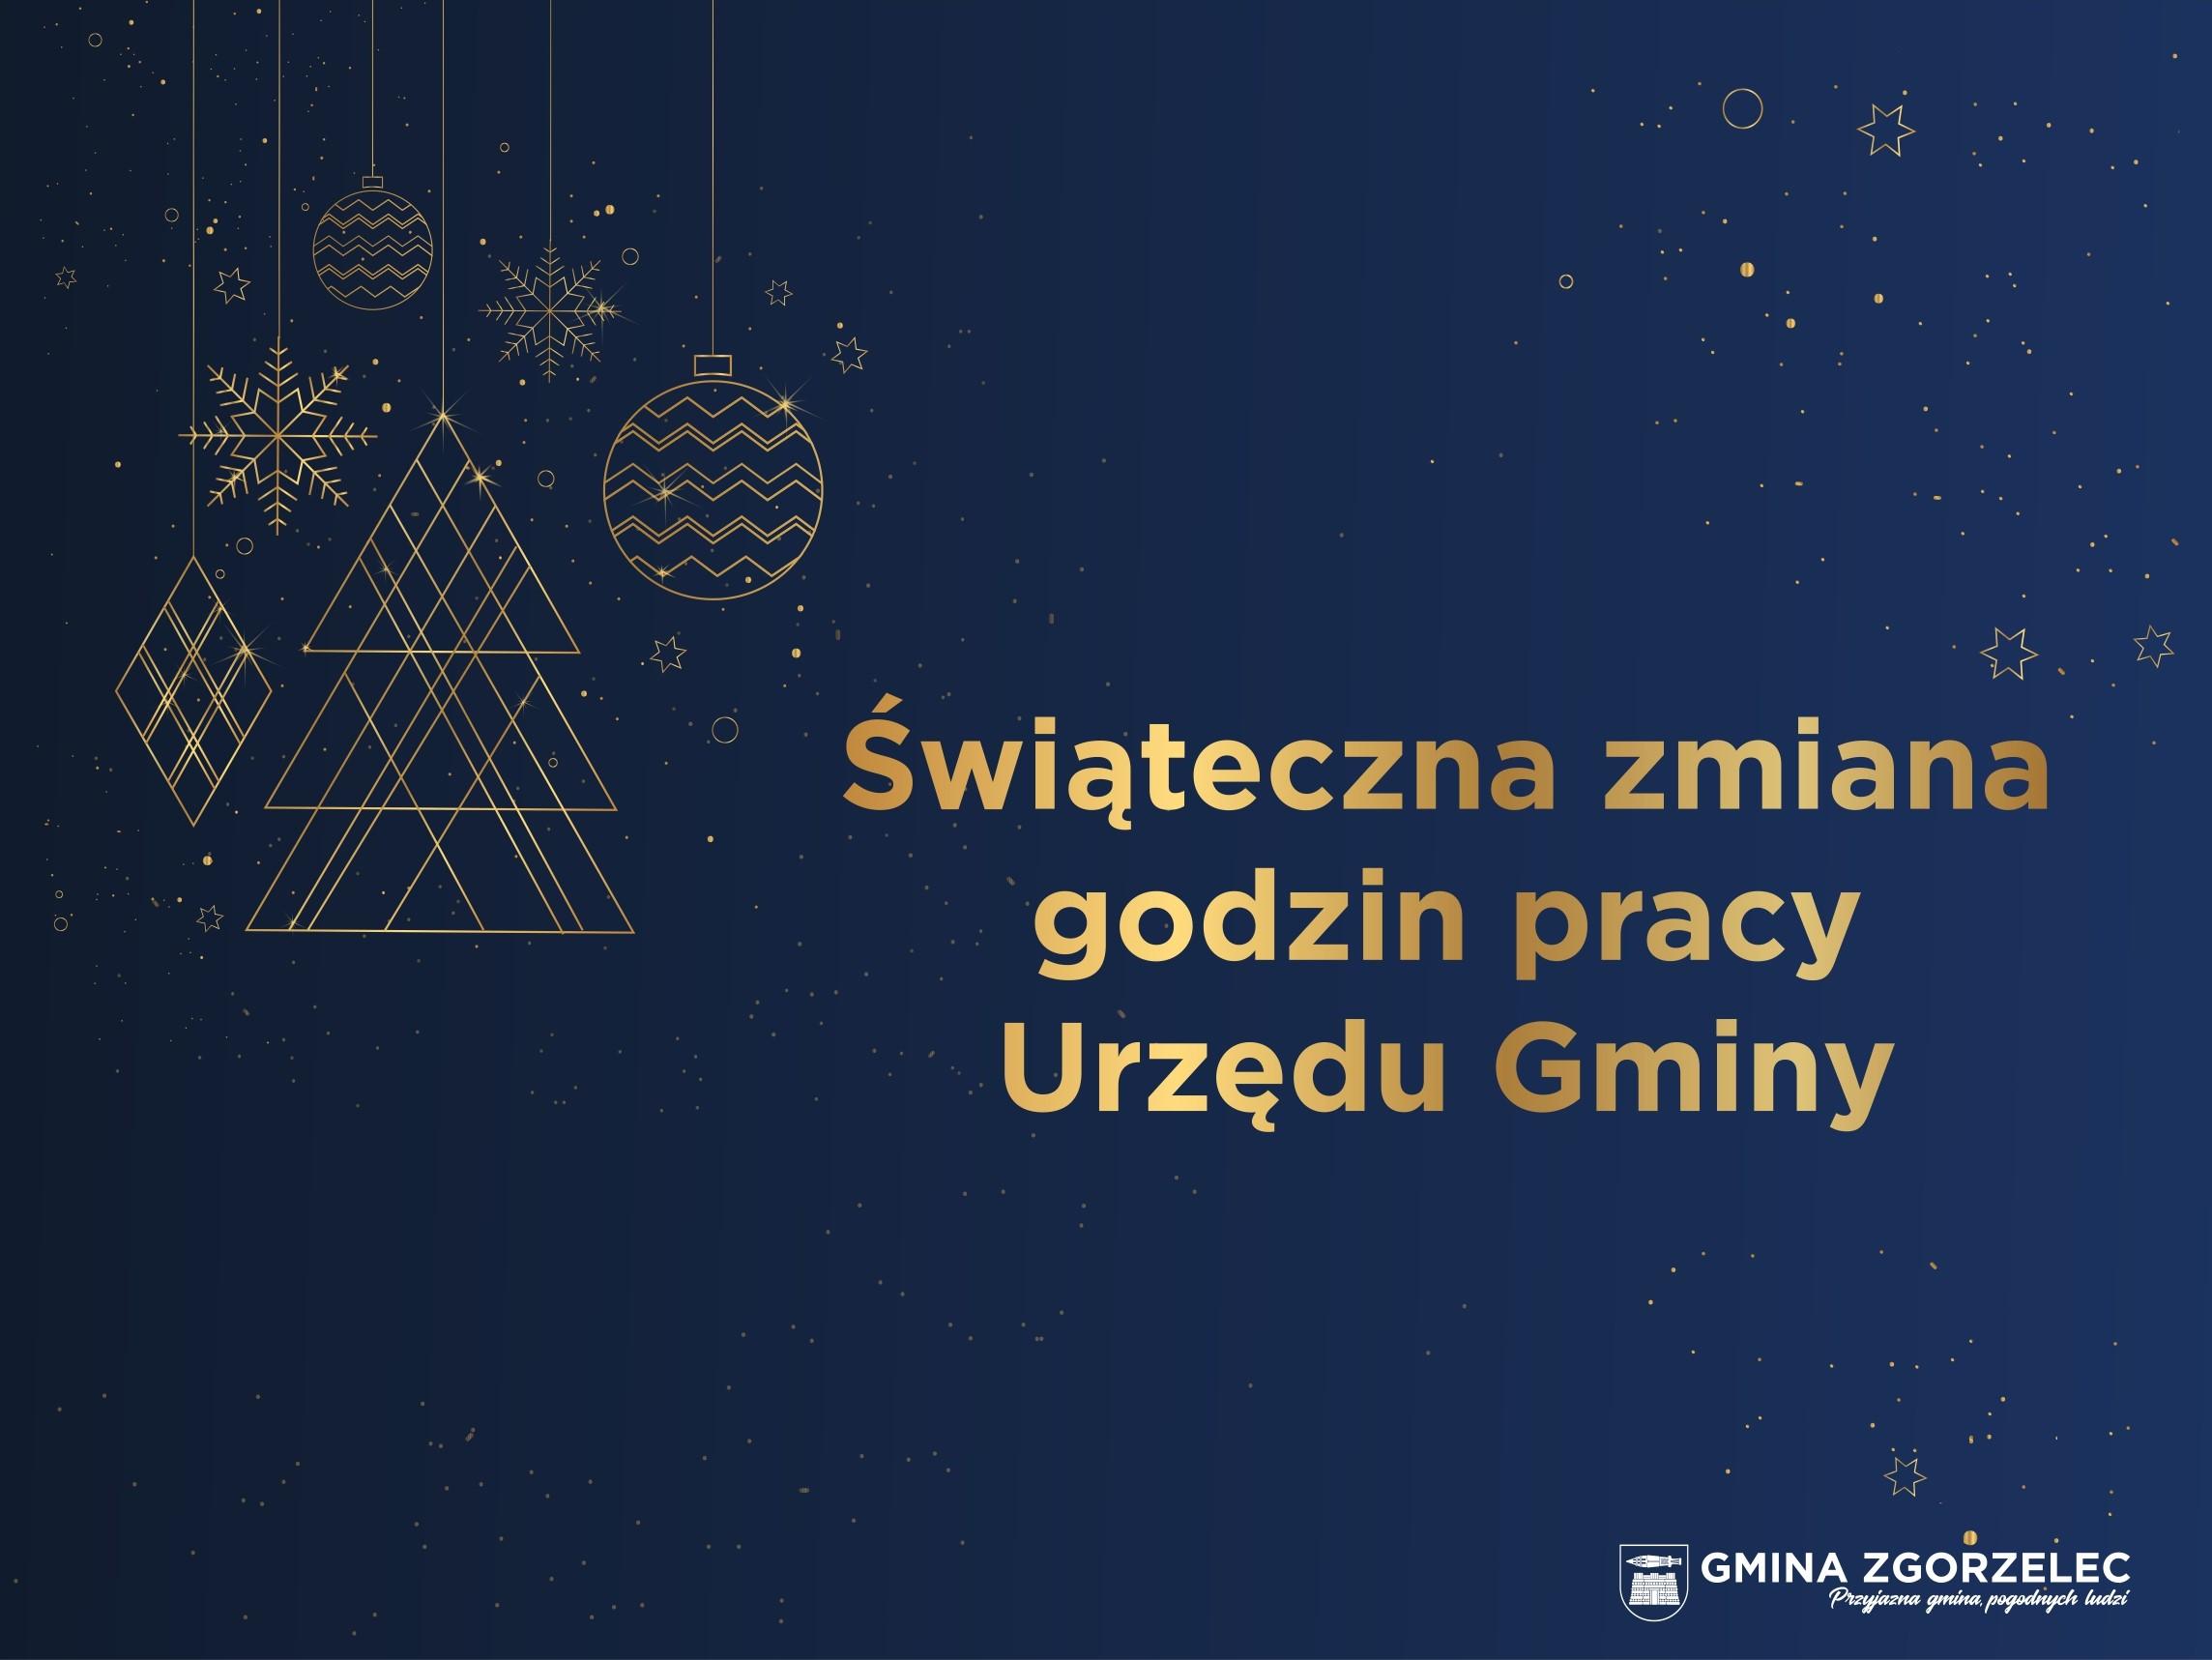 Zdjęcie dla wpisu -Świąteczna zmiana godzin pracy Urzędu Gminy